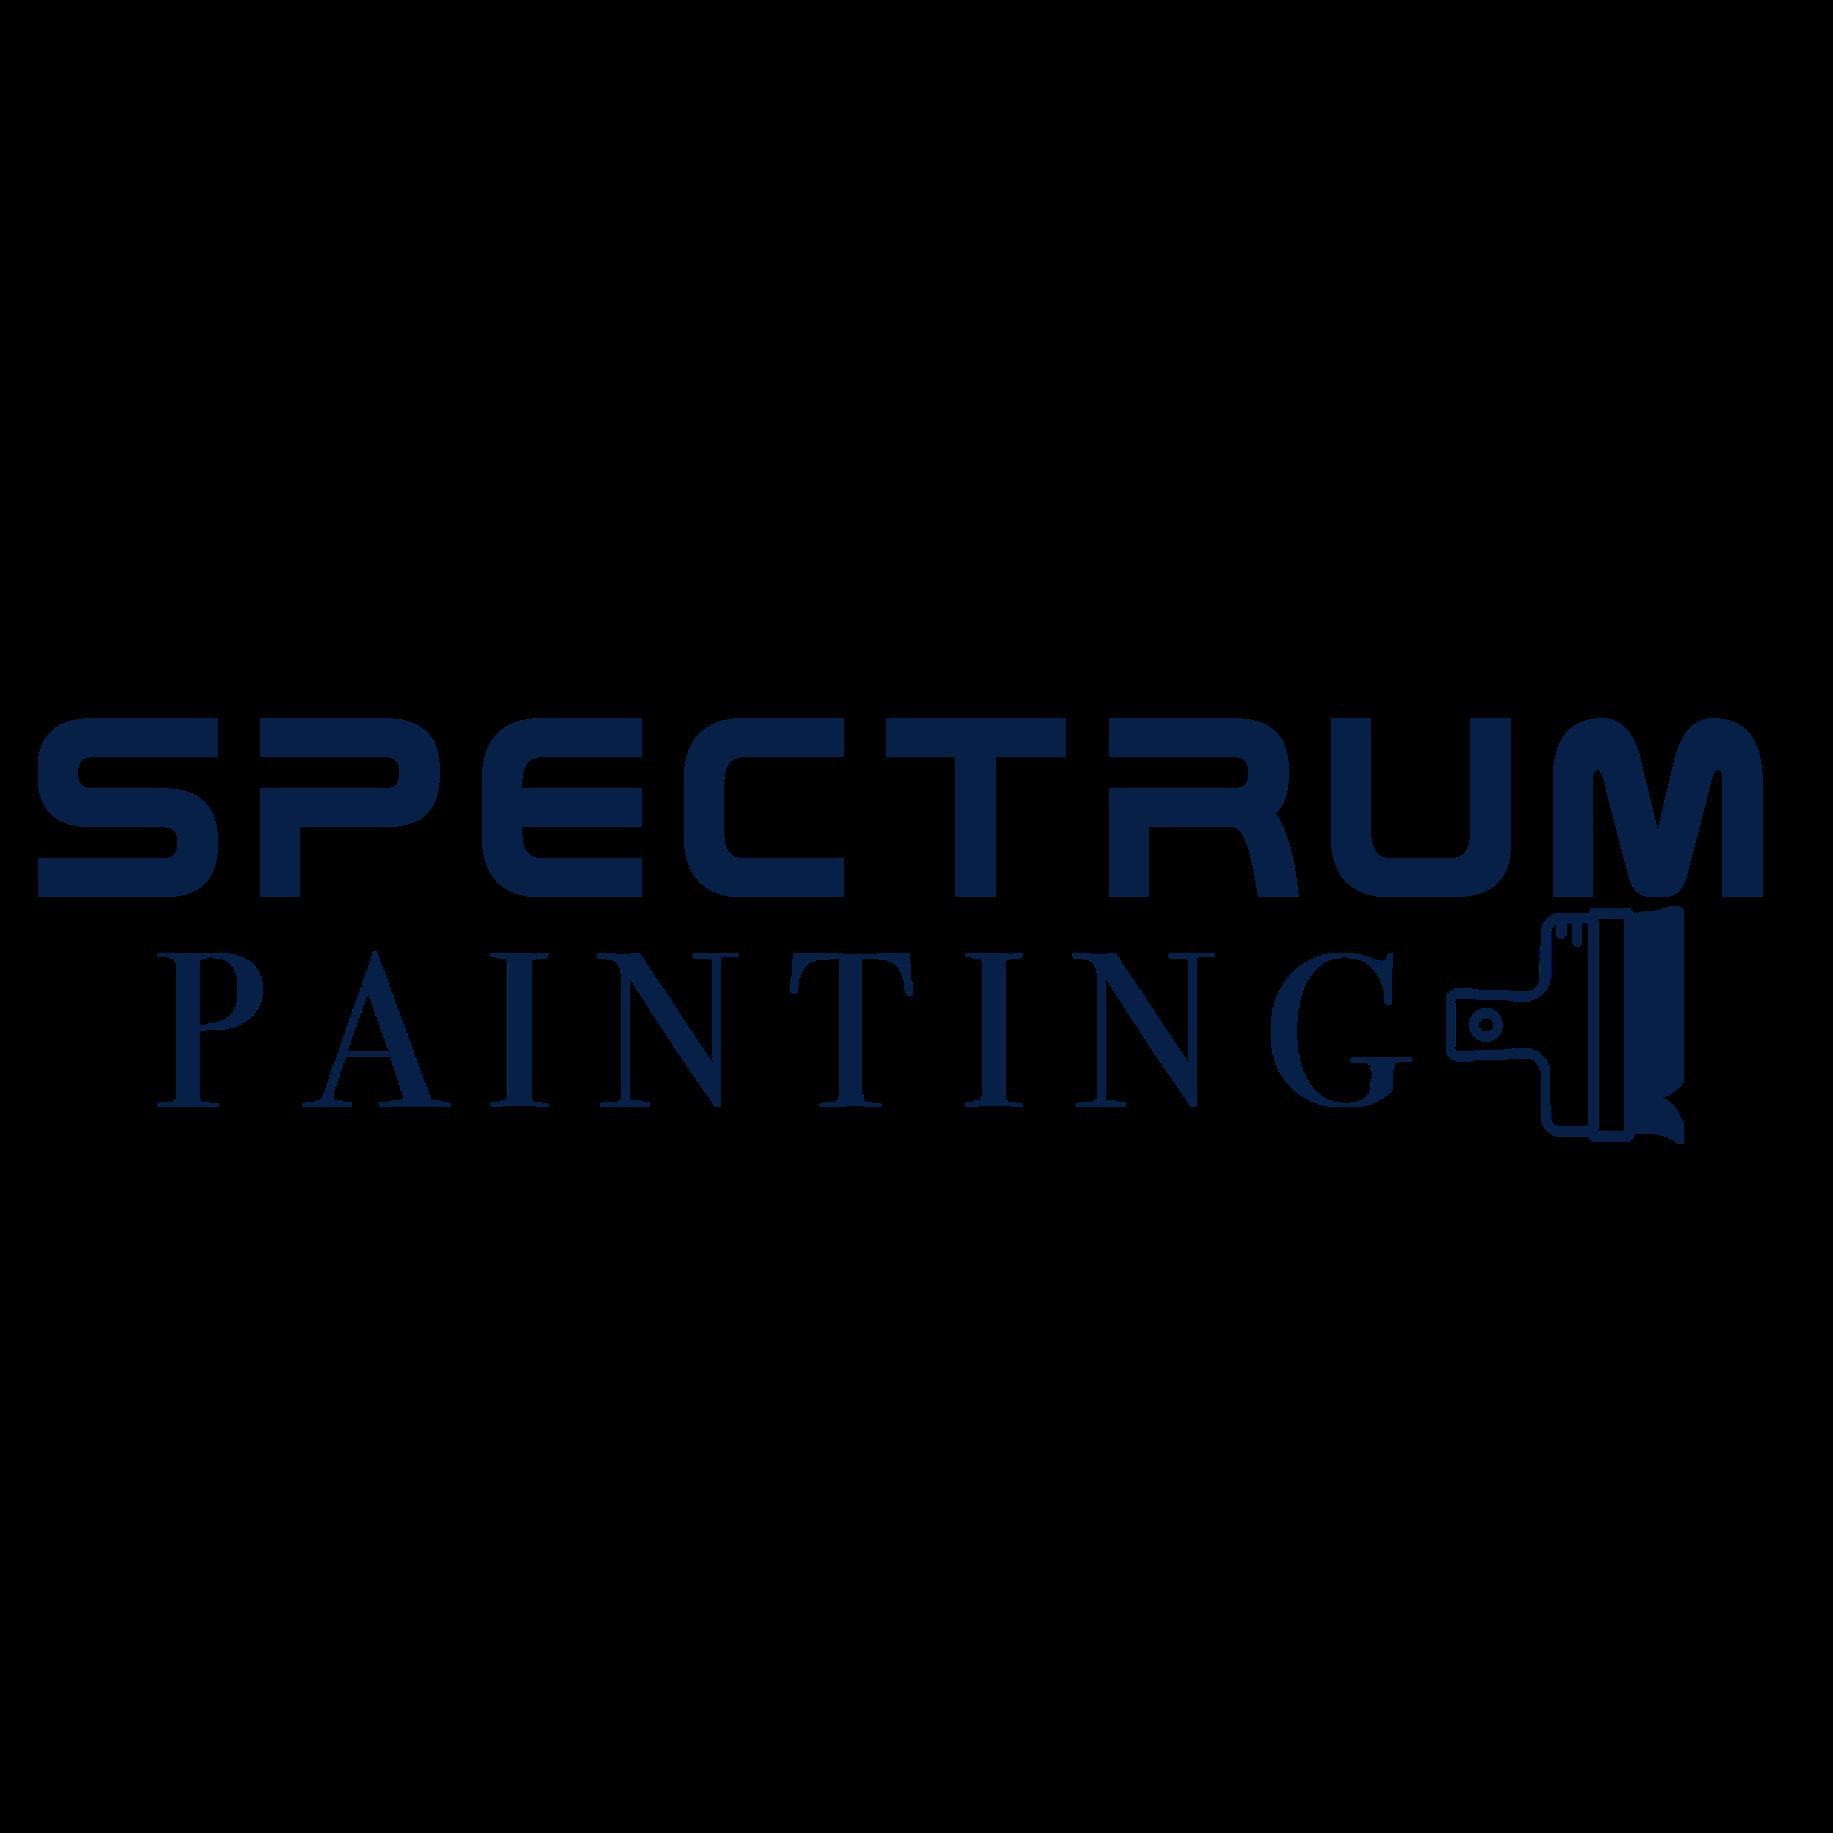 Spectrum Painting